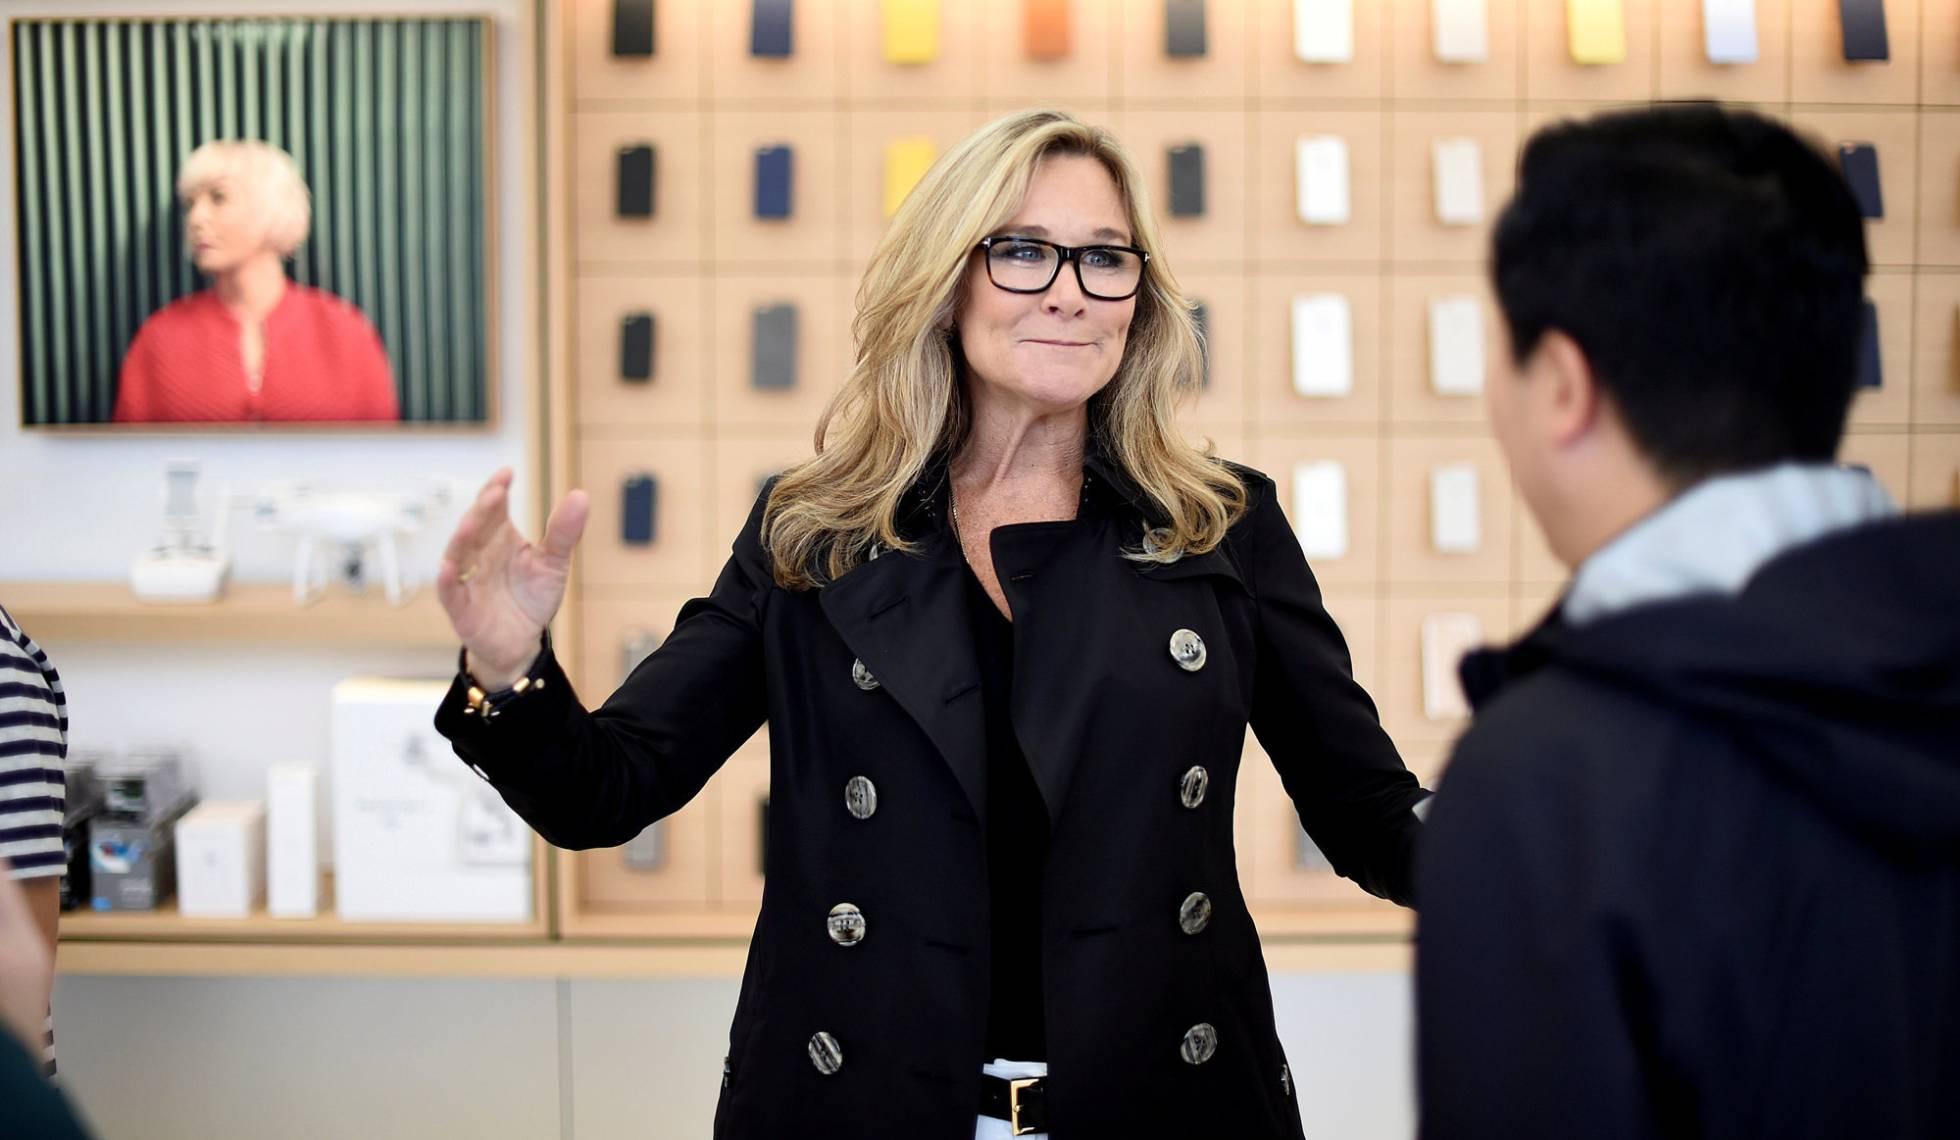 La ejecutiva que pilotó el plan de expansión de tiendas de Apple deja la compañía